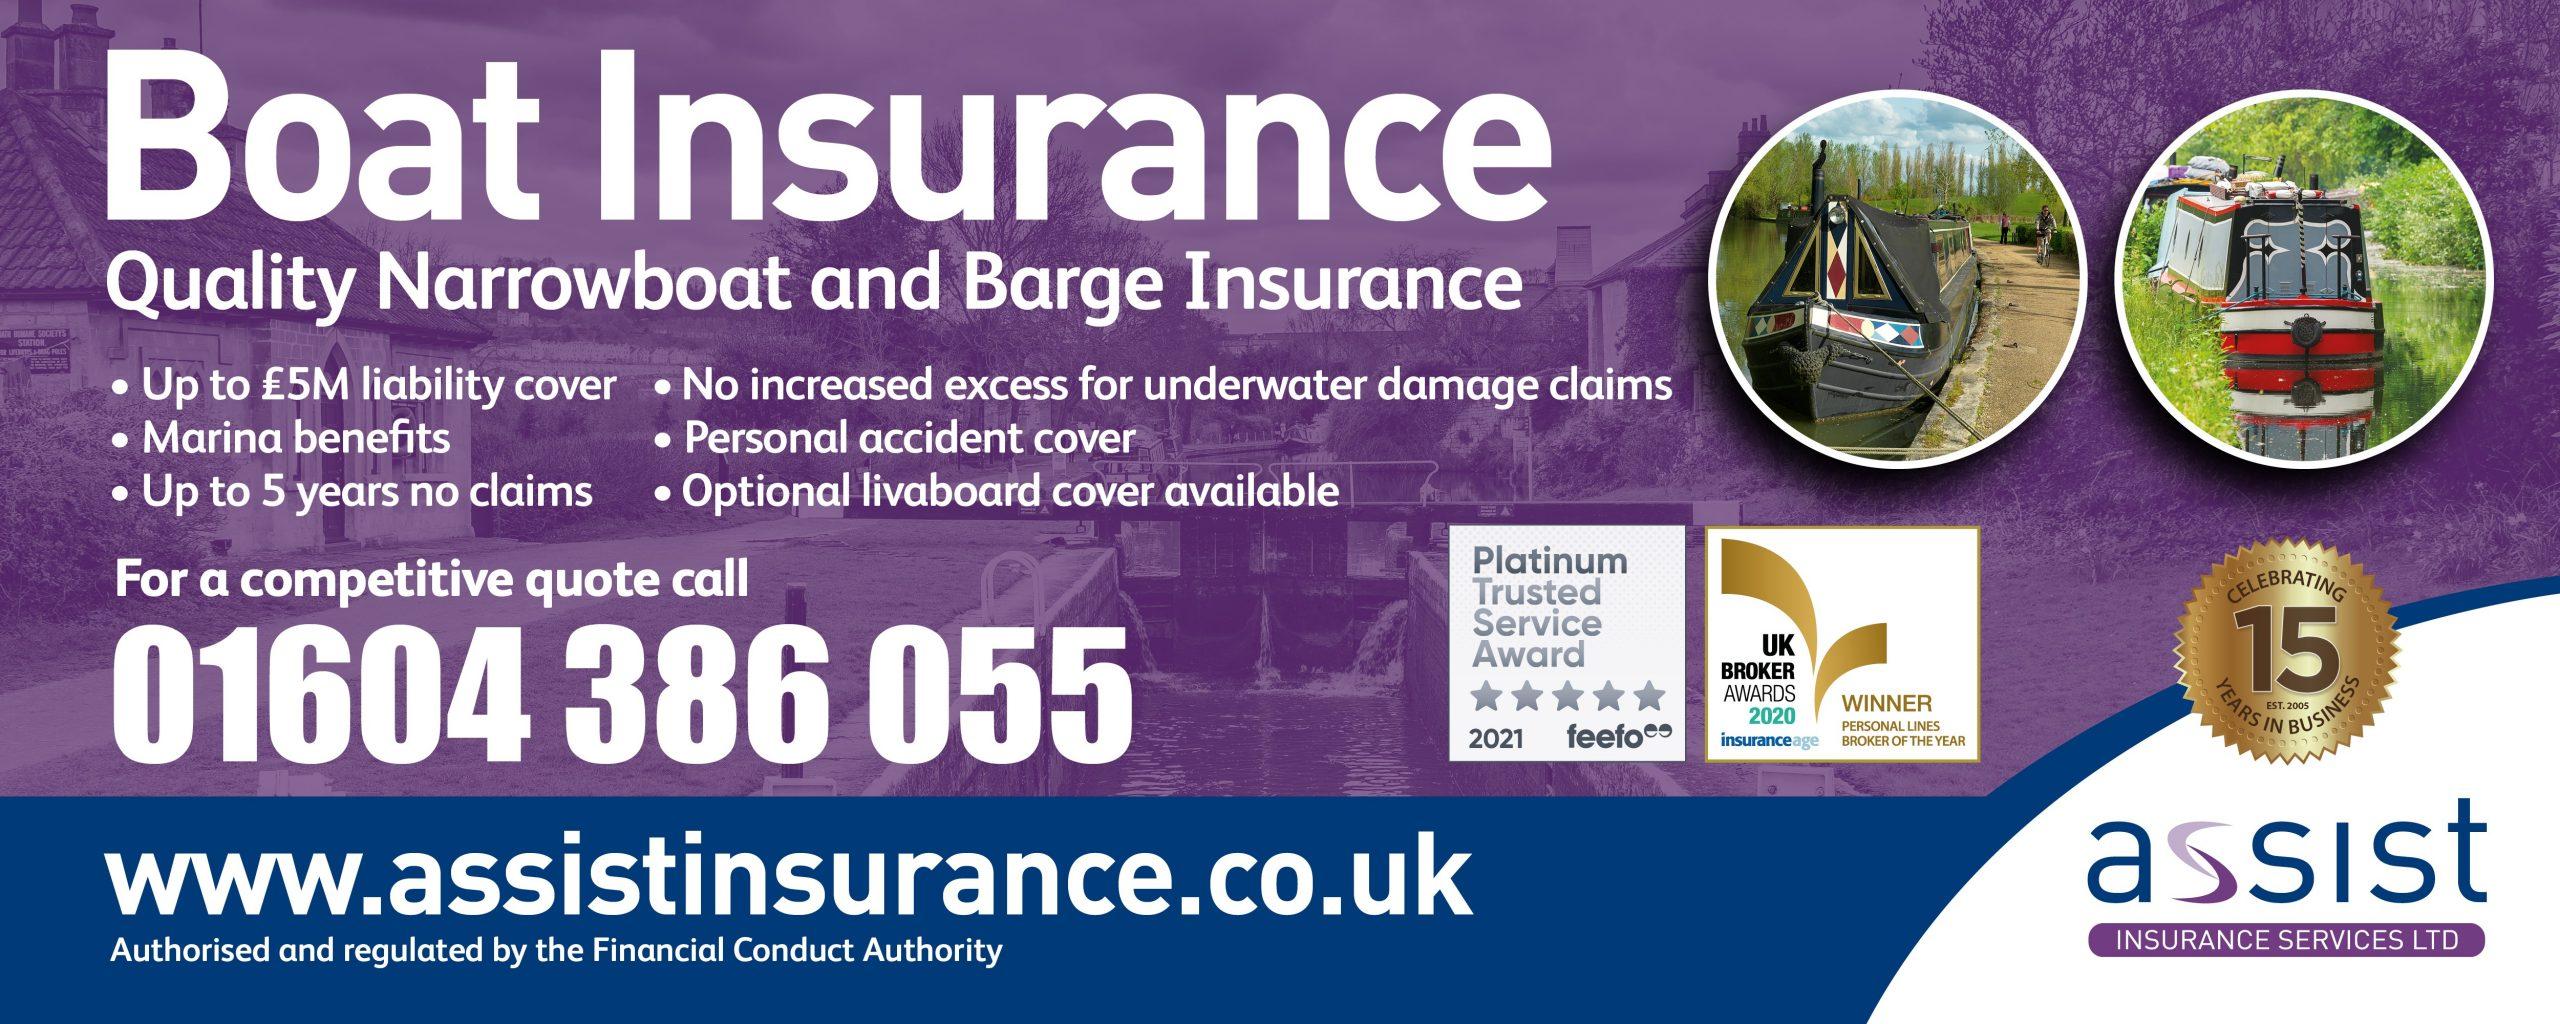 Assist insurance banner 2021